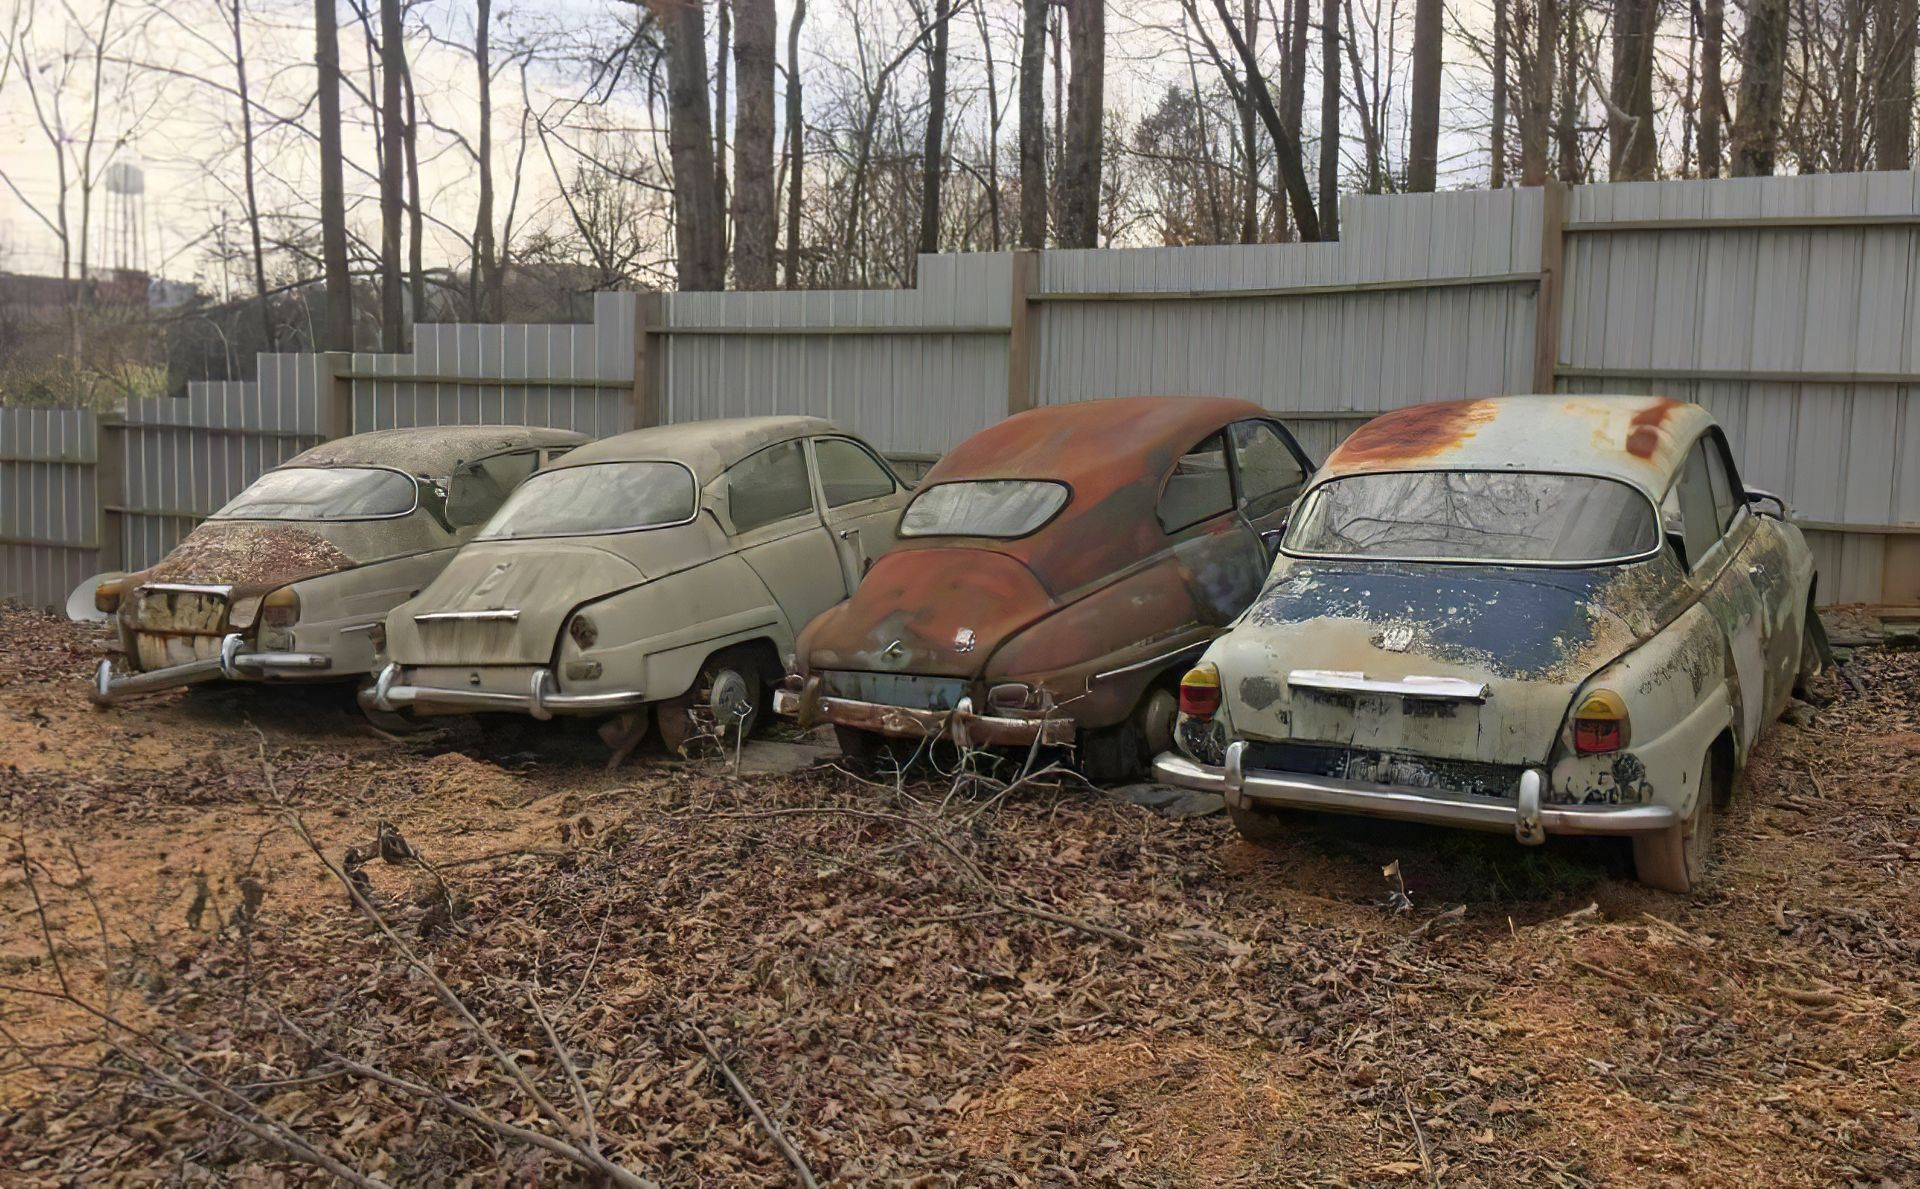 Saab Graveyard Saab Abandoned Cars Vintage Cars